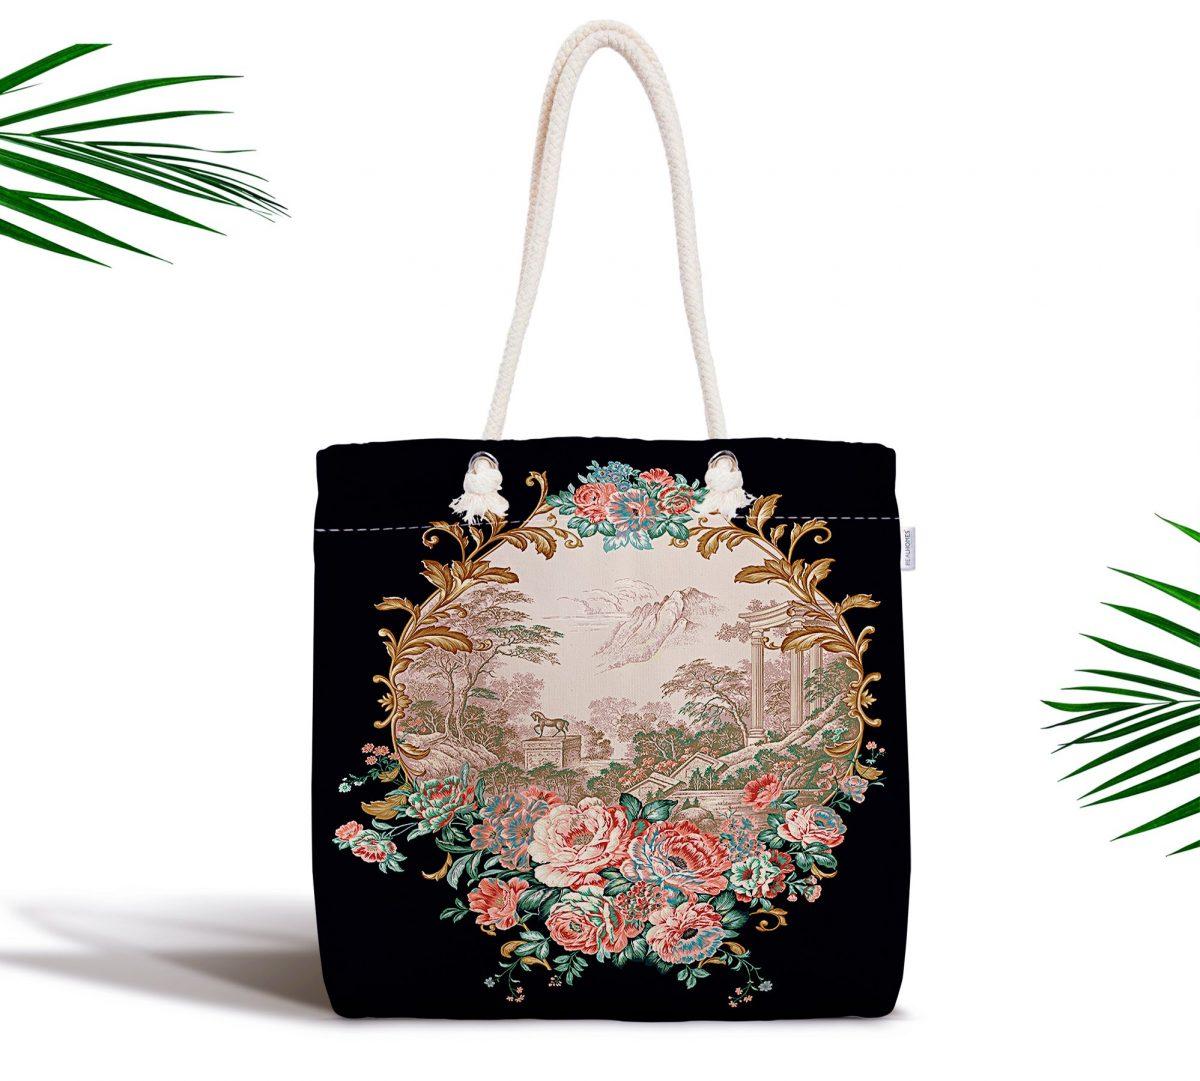 Siyah Zeminde Çiçek Bahçesi Exclusive Modern Tasarımlı Kumaş Çanta Realhomes